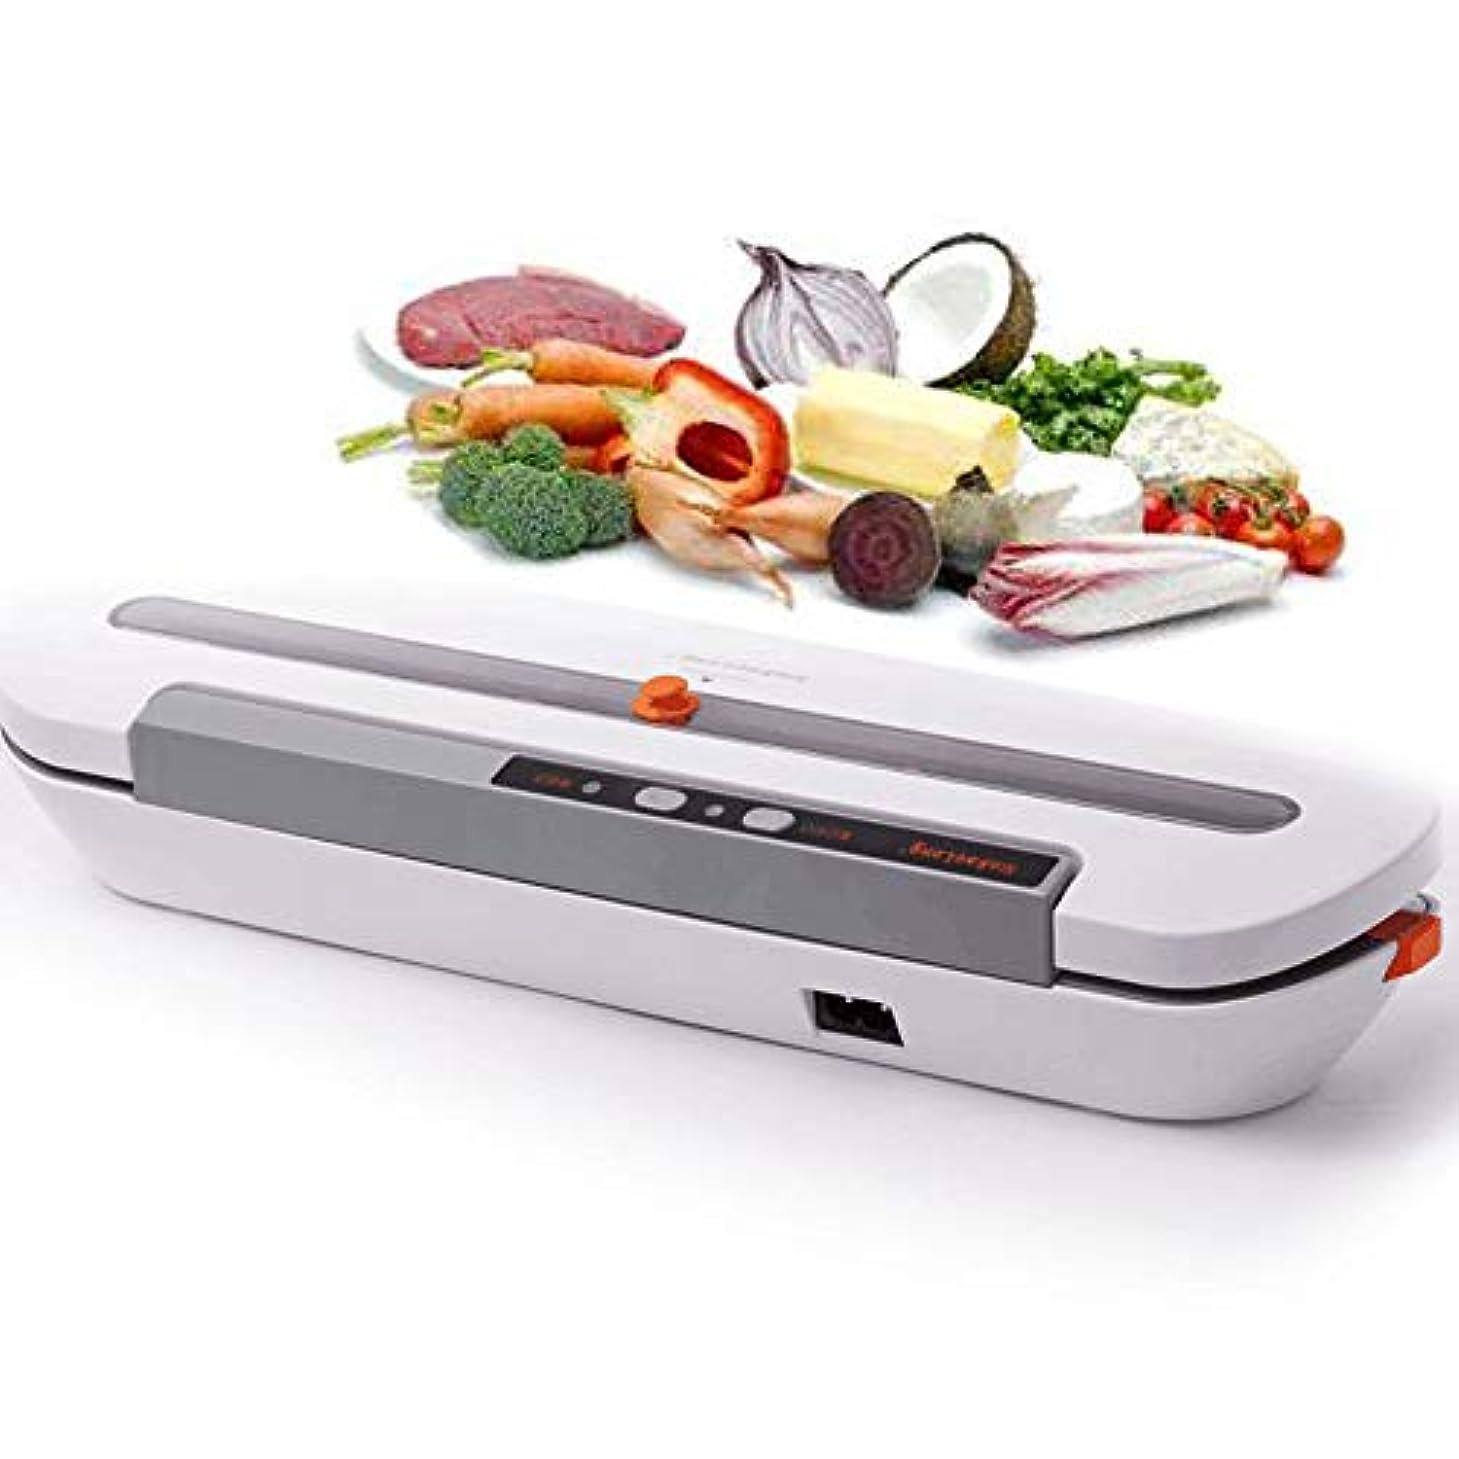 回復提供論争的スターターキット付き食品用真空シーラー/自動真空シーラー/ 29cm溶接/乾湿両用モード/ 8倍の長さのフレッシュ/コンパクト設計。